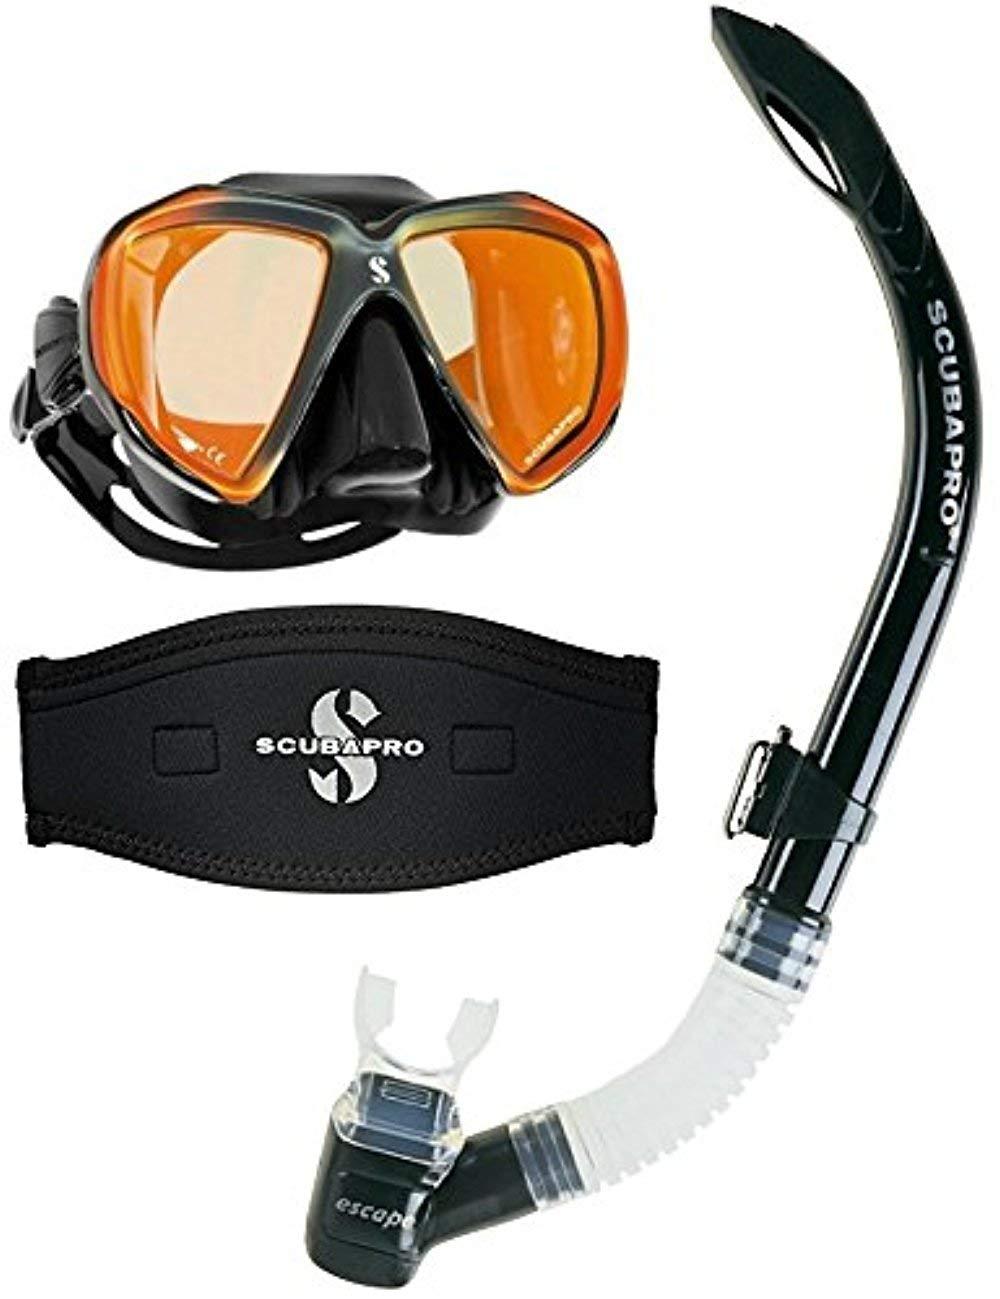 Scubapro Spectra Scuba Dive Mask Black Bronze Mirrored Lens w/Neoprene Strap Cover & Escape Semi-Dry Snorkel